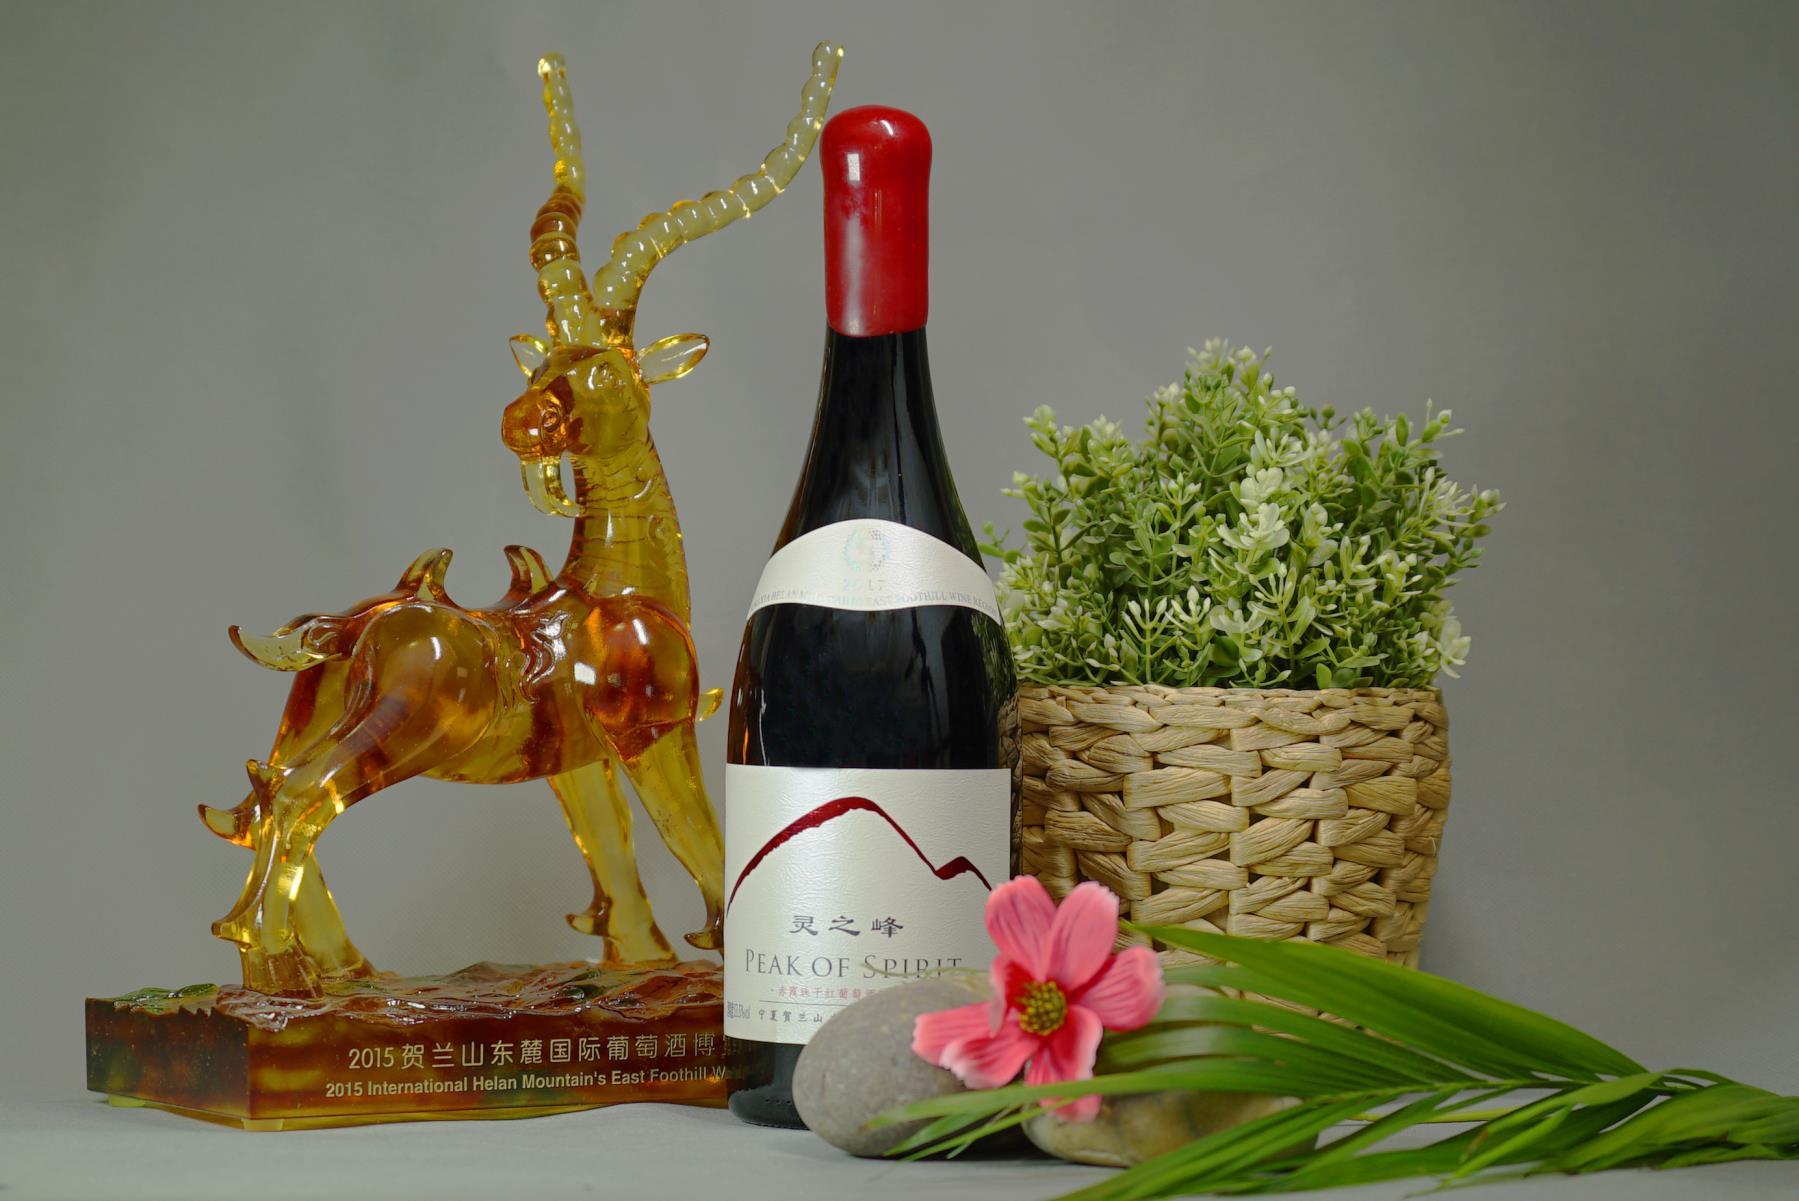 寧夏葡萄酒貿易有限公司_專業的靈之峰赤霞珠系列紅酒批發商-中衛葡萄酒